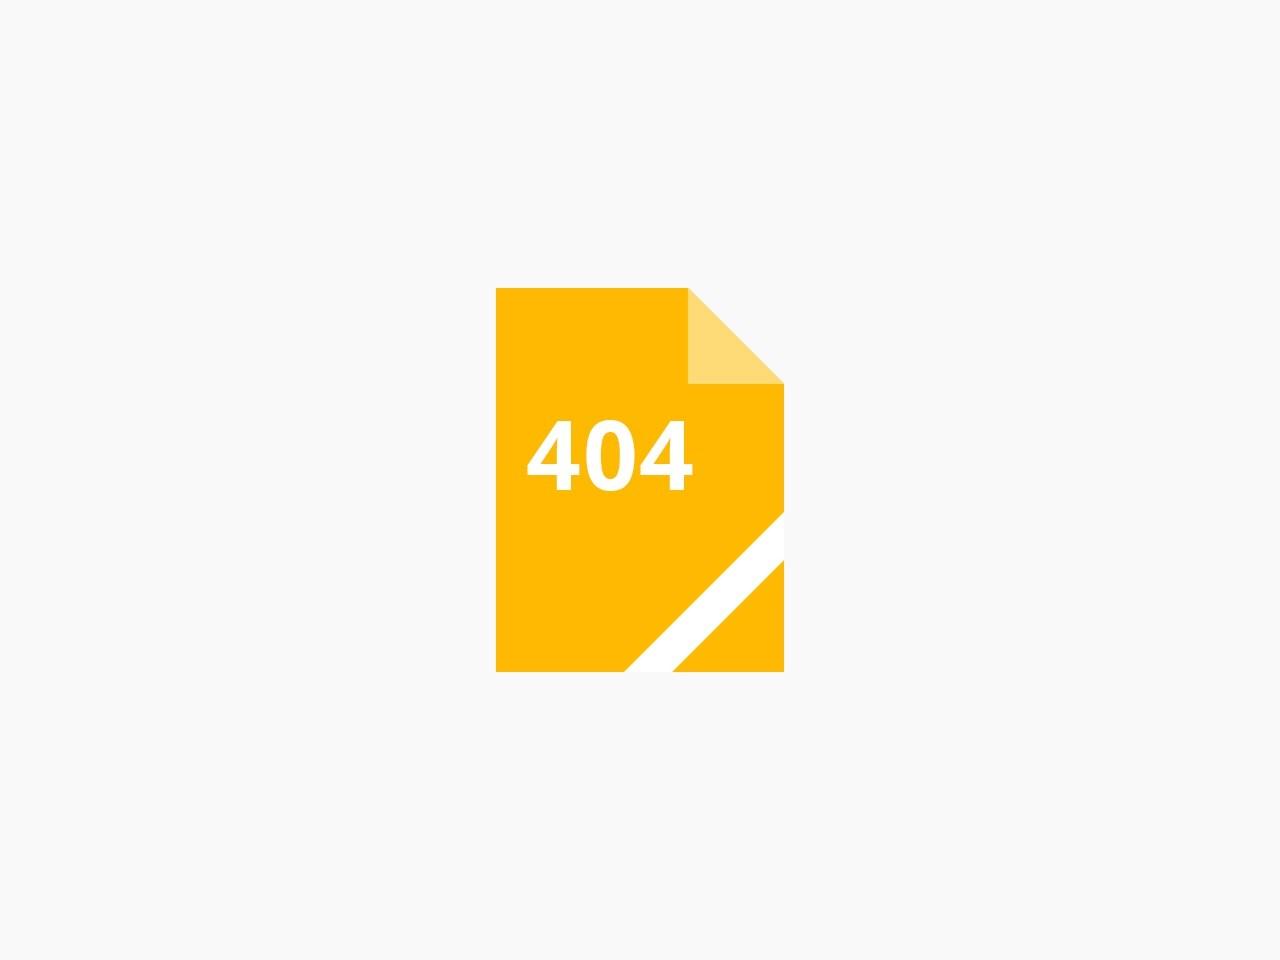 大旗連合建築設計株式会社